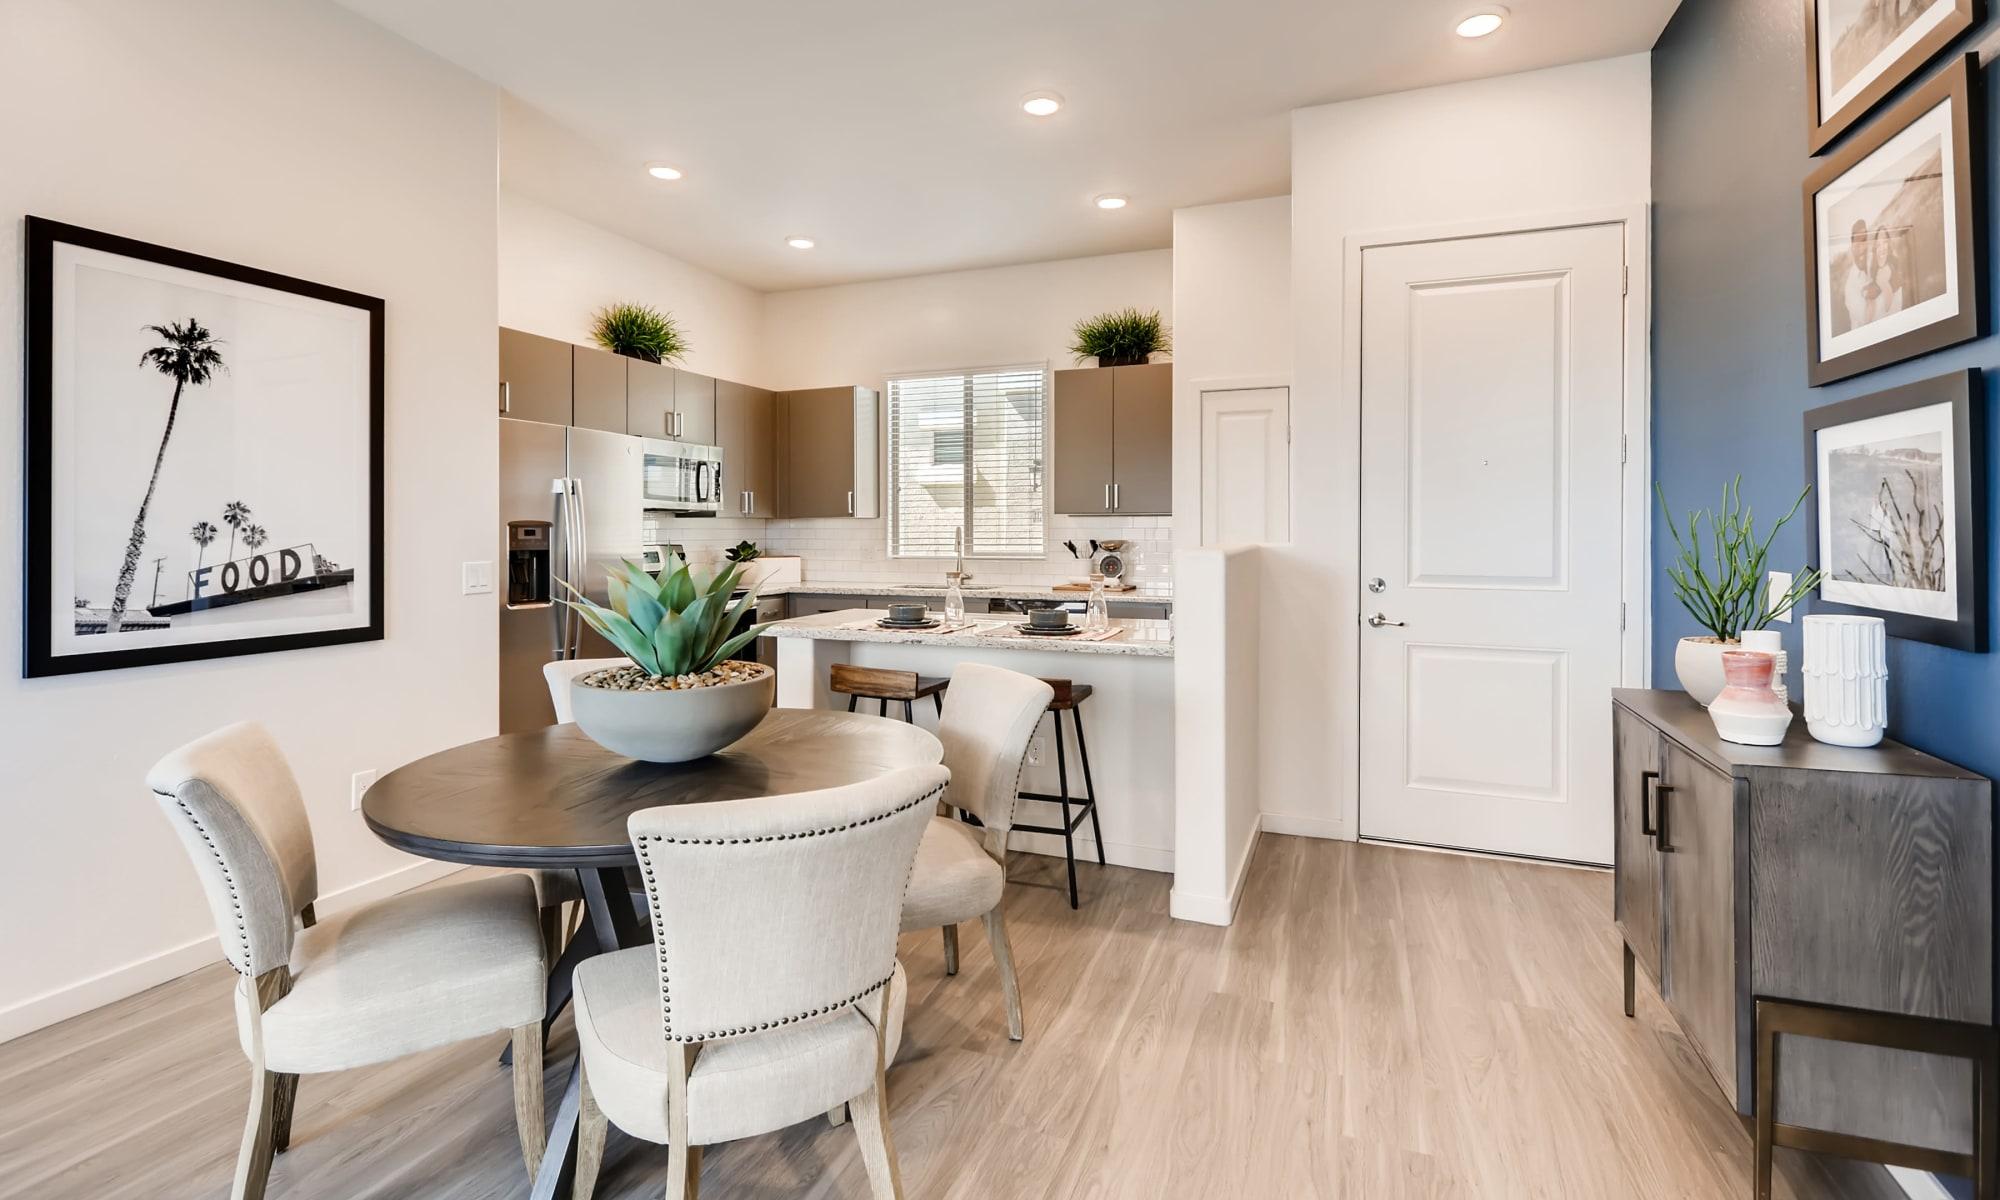 Avilla Enclave apartments in Mesa, Arizona